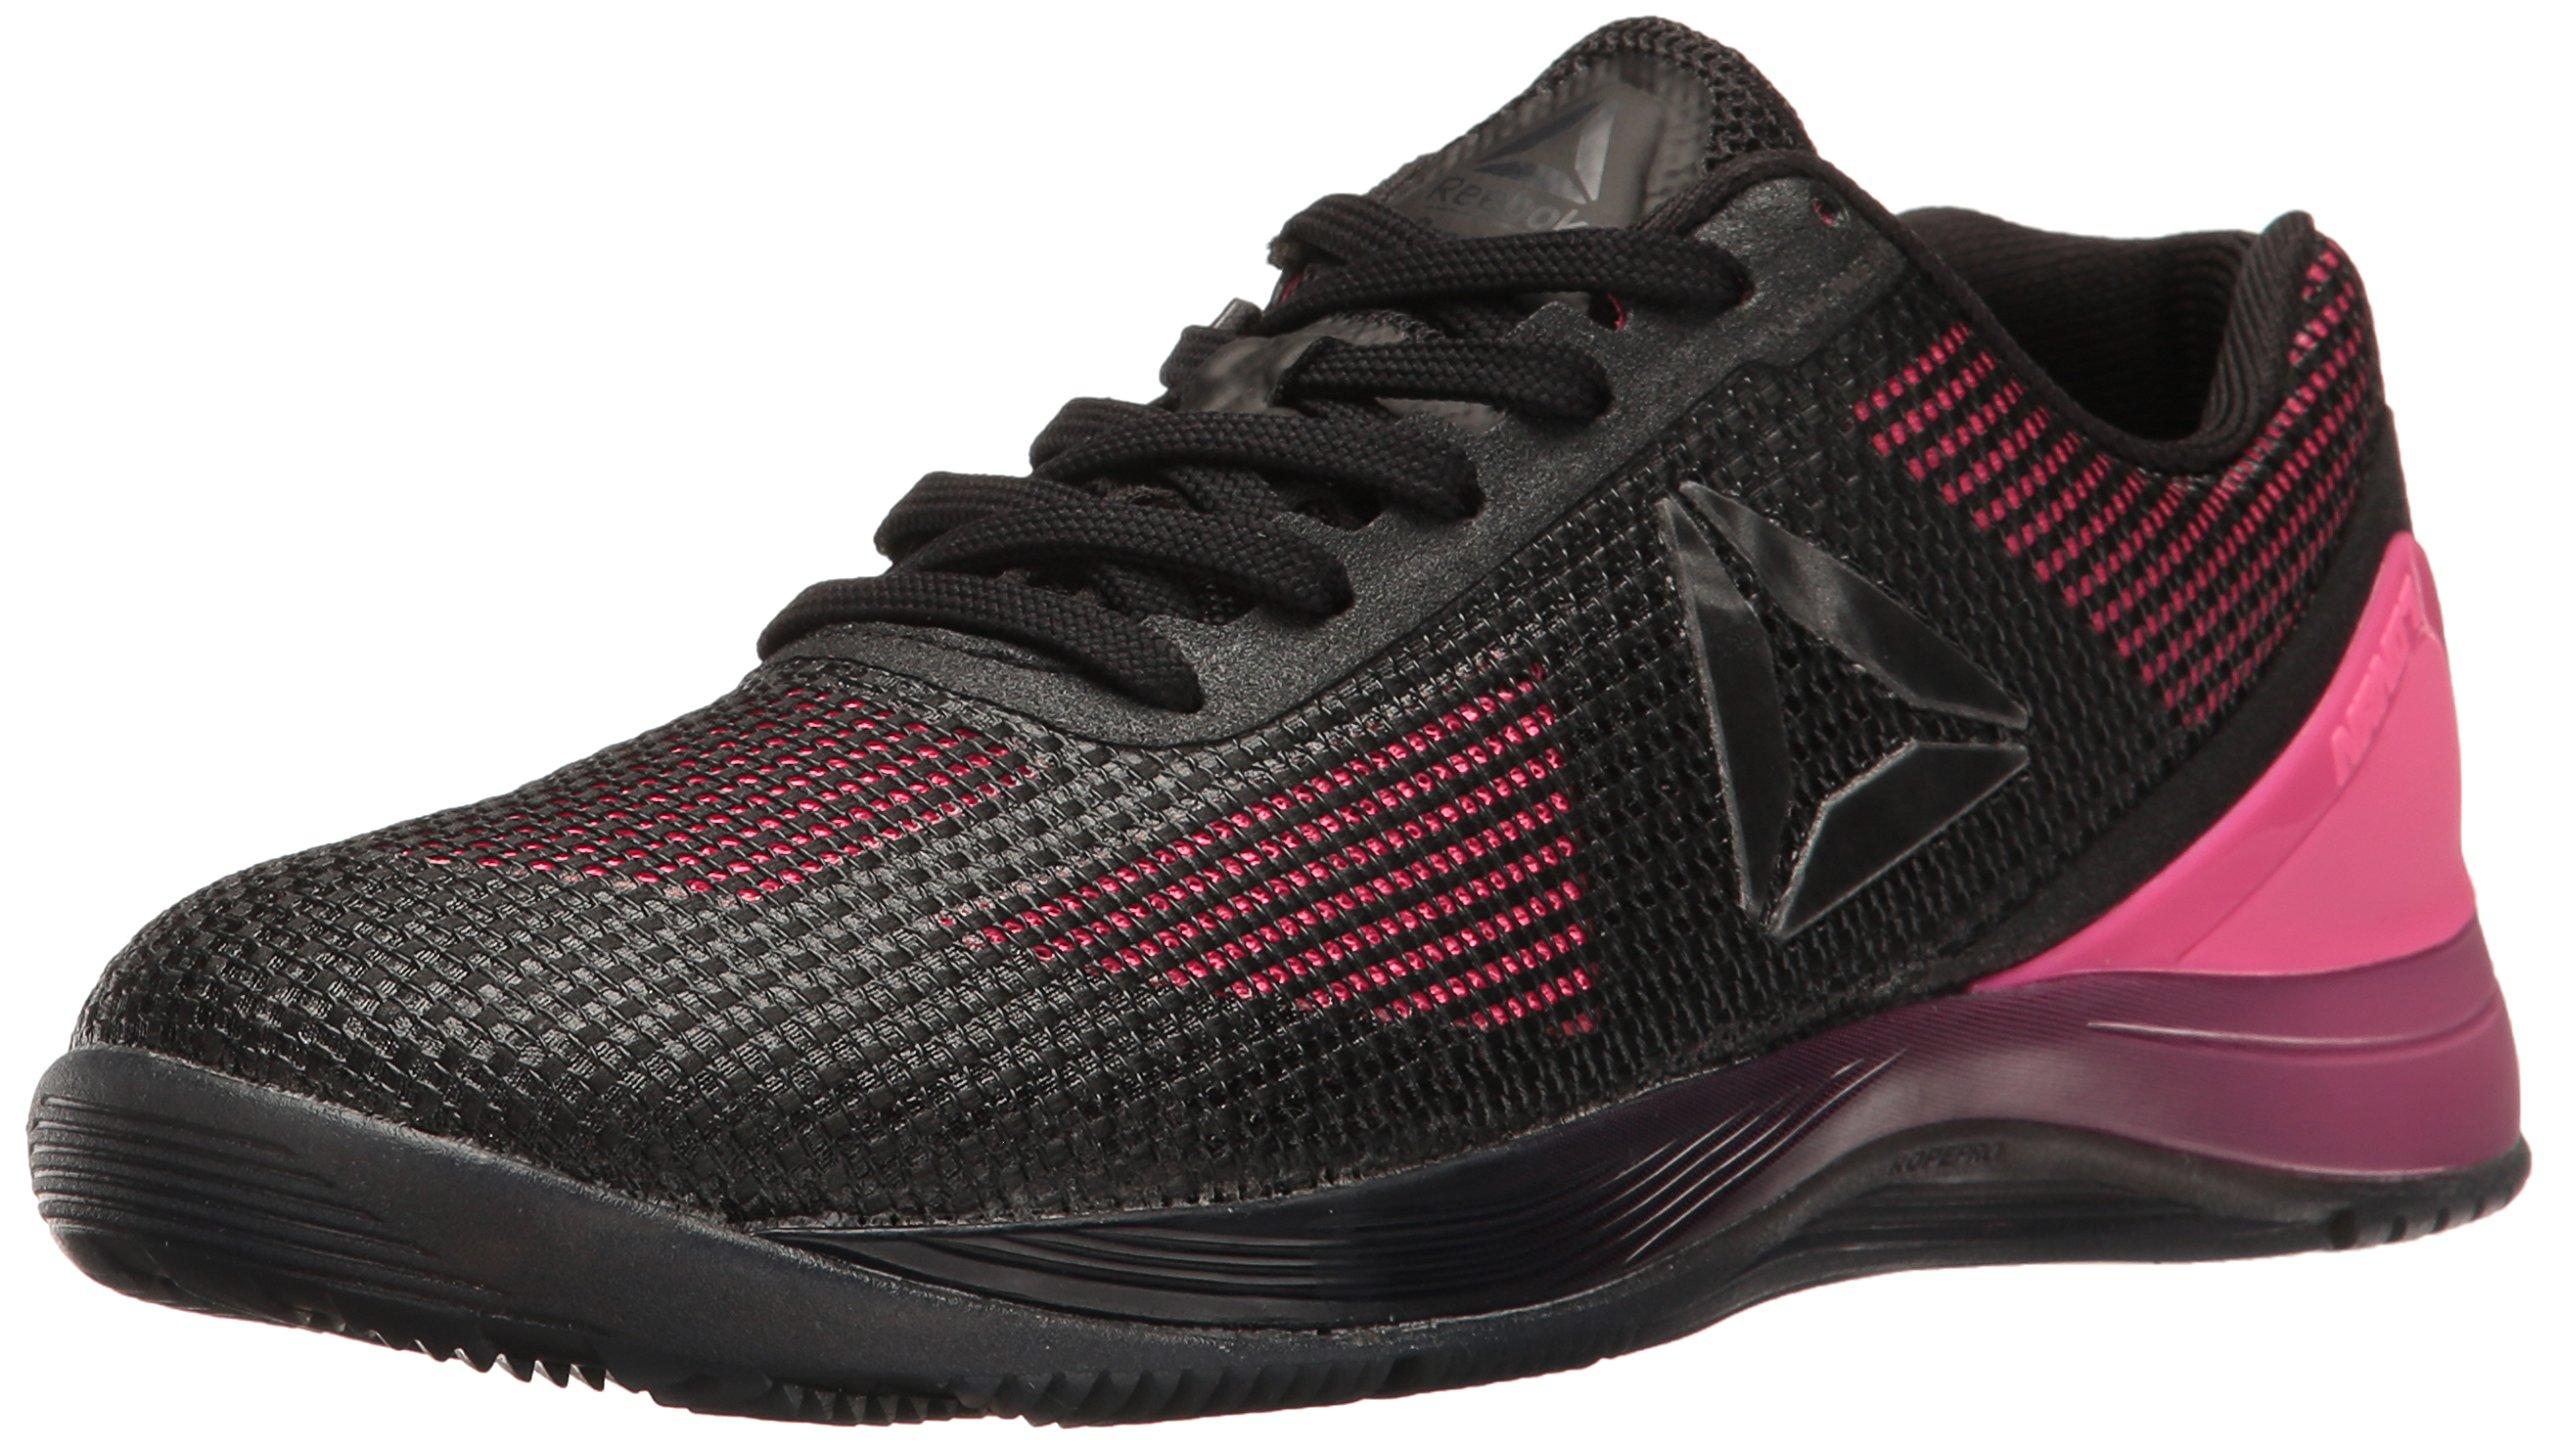 Reebok Women's Crossfit Nano 7.0 Cross-Trainer Shoe, Solar Pink/Black/Lead/White, 7.5 M US